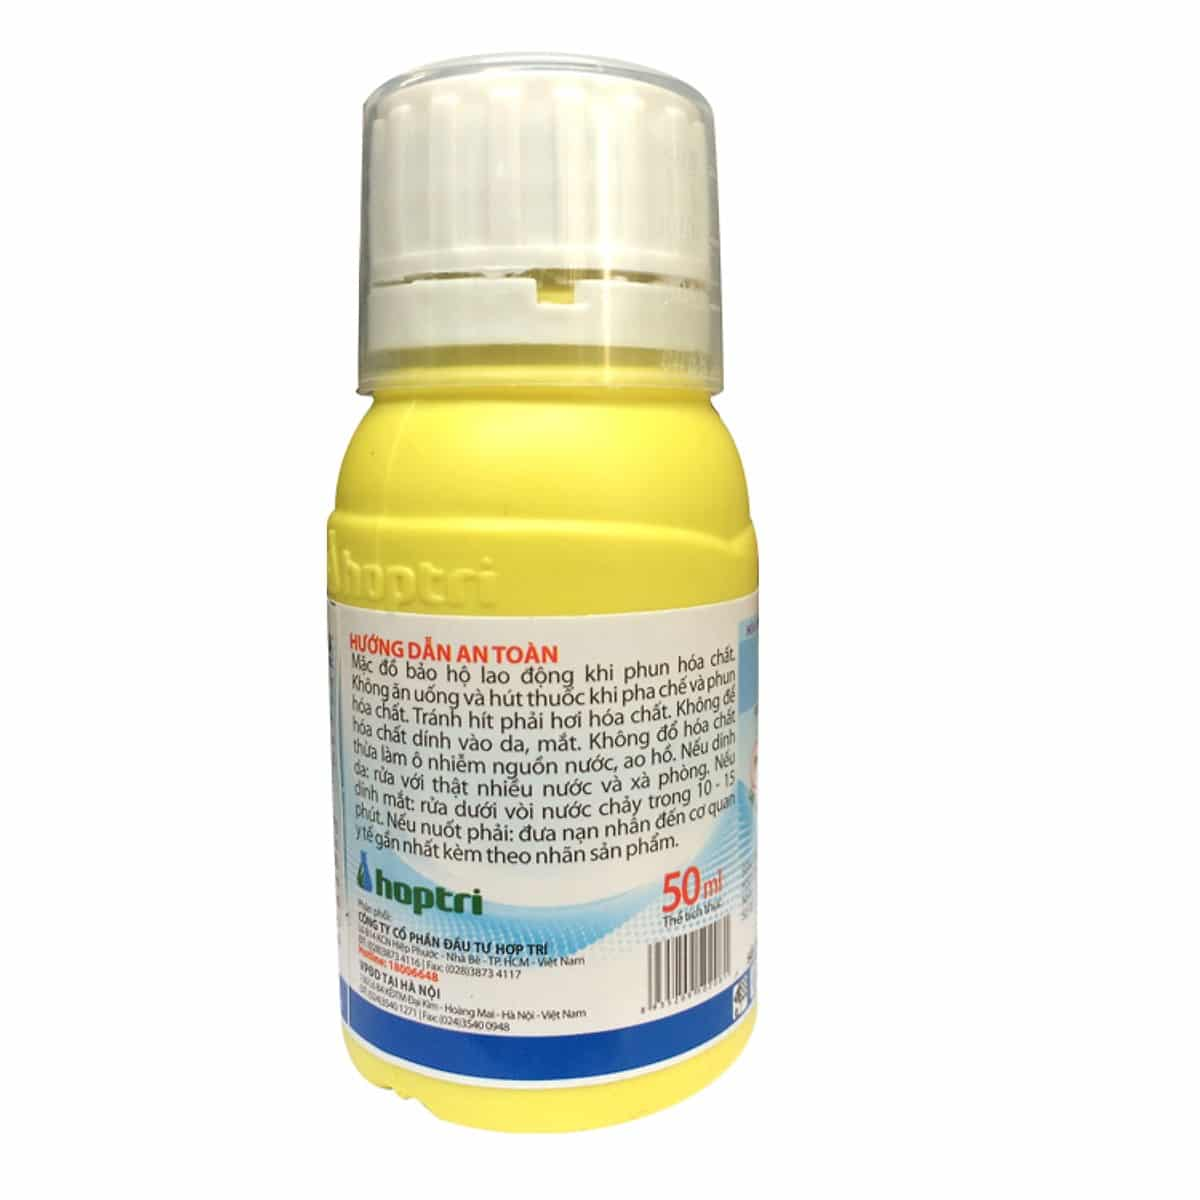 Thuốc diệt muỗi côn trùng Fendona 10SC 50ml